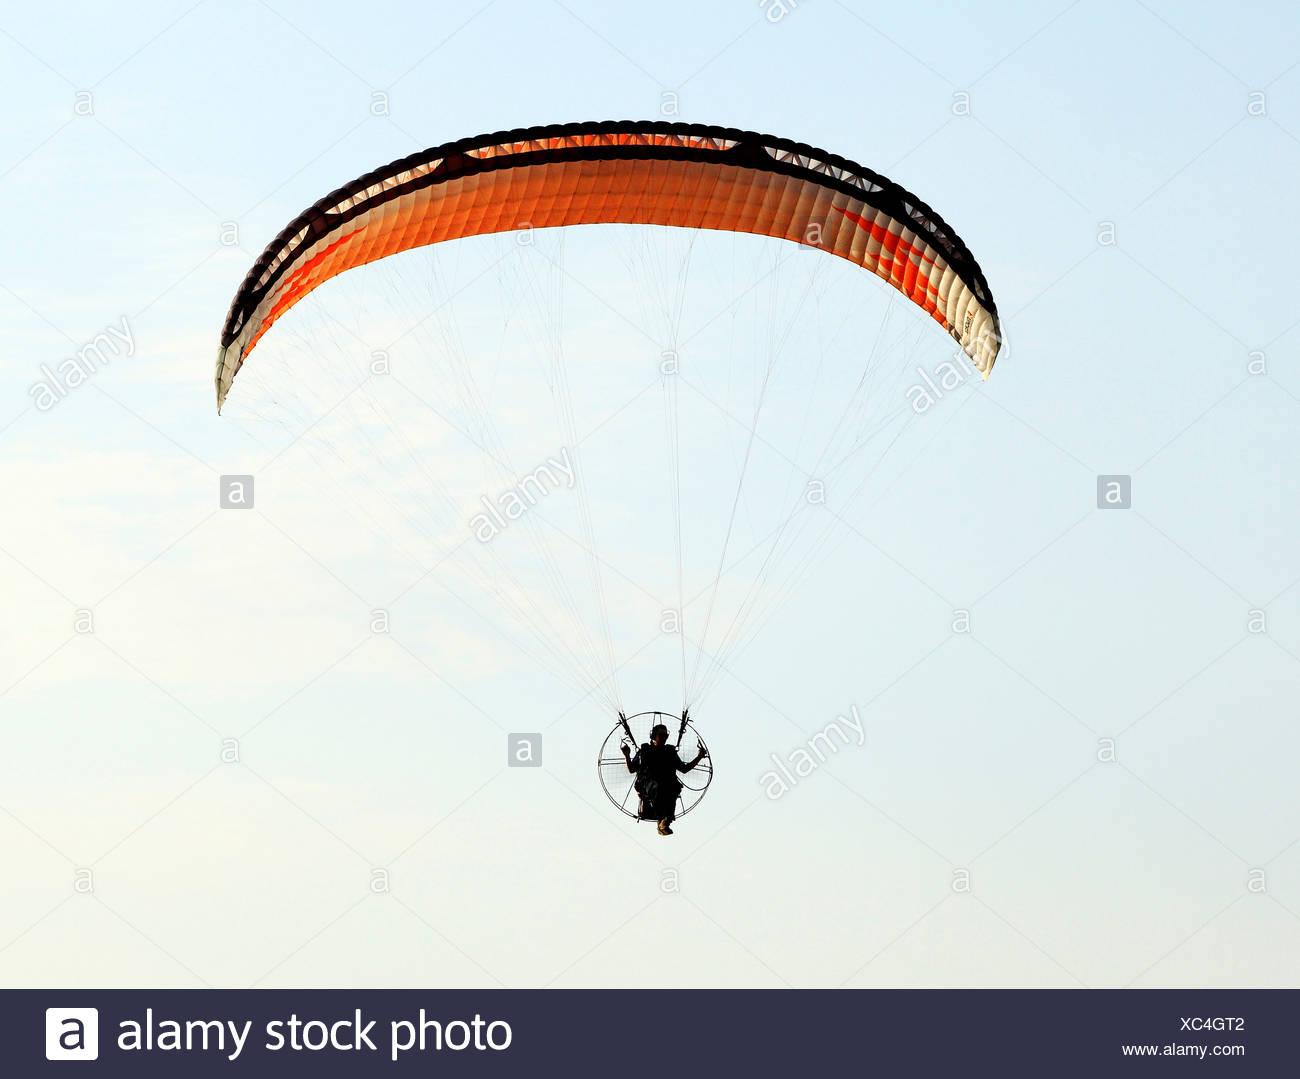 Hängegleiter Mann Drachenfliegen fliegen Freizeit Aktivität UK Gleitschirmen Stockbild